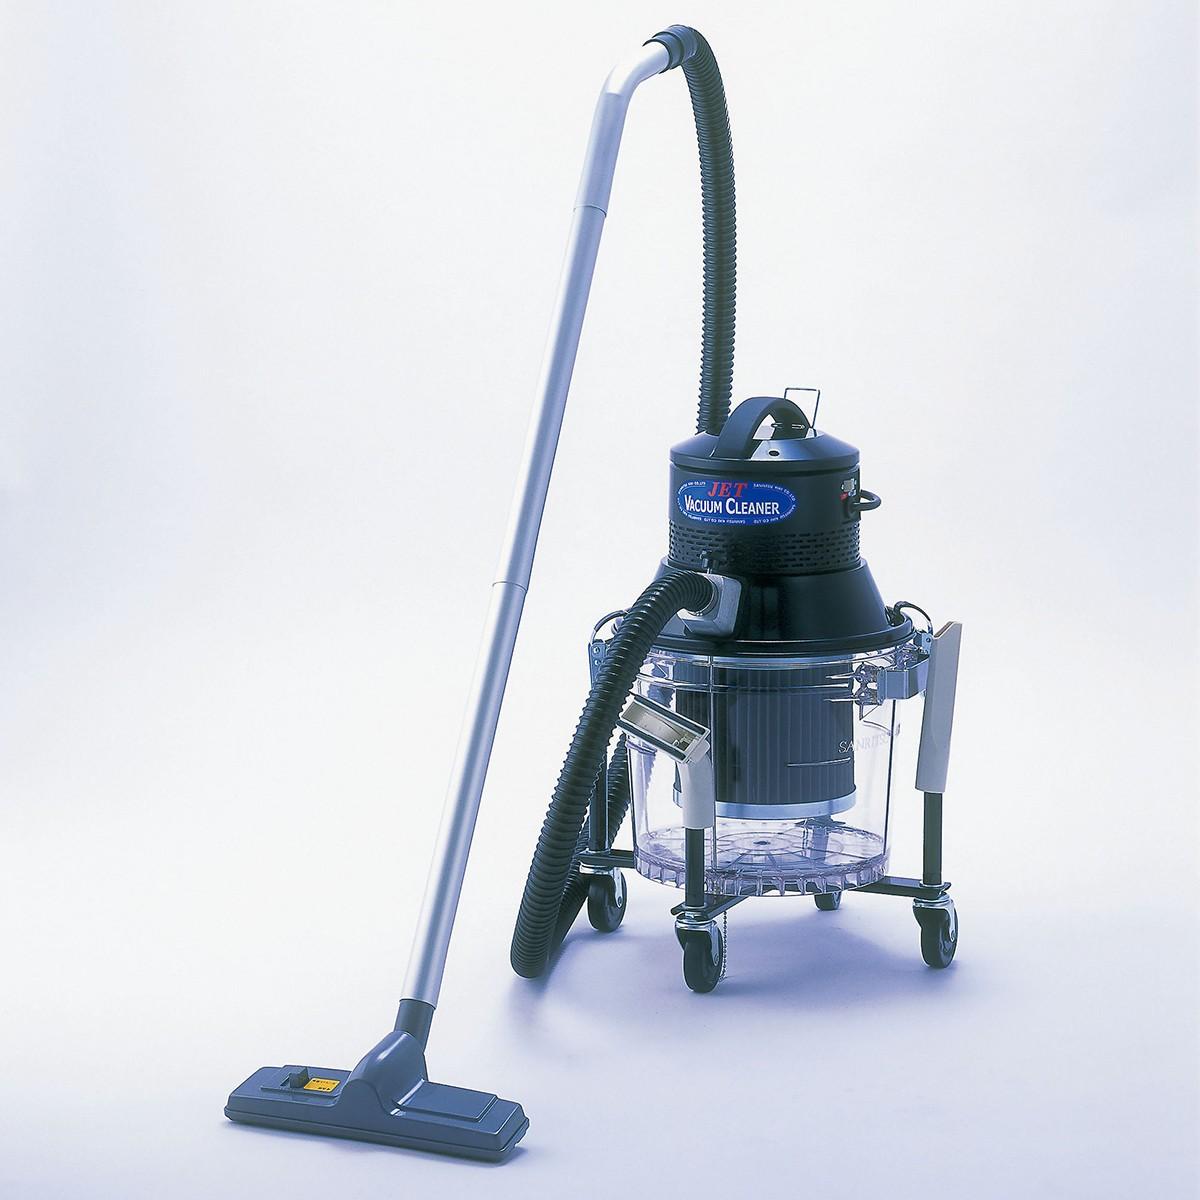 セミプロバック SP-1510 乾湿両用【 掃除機 集塵 クリーナー 】